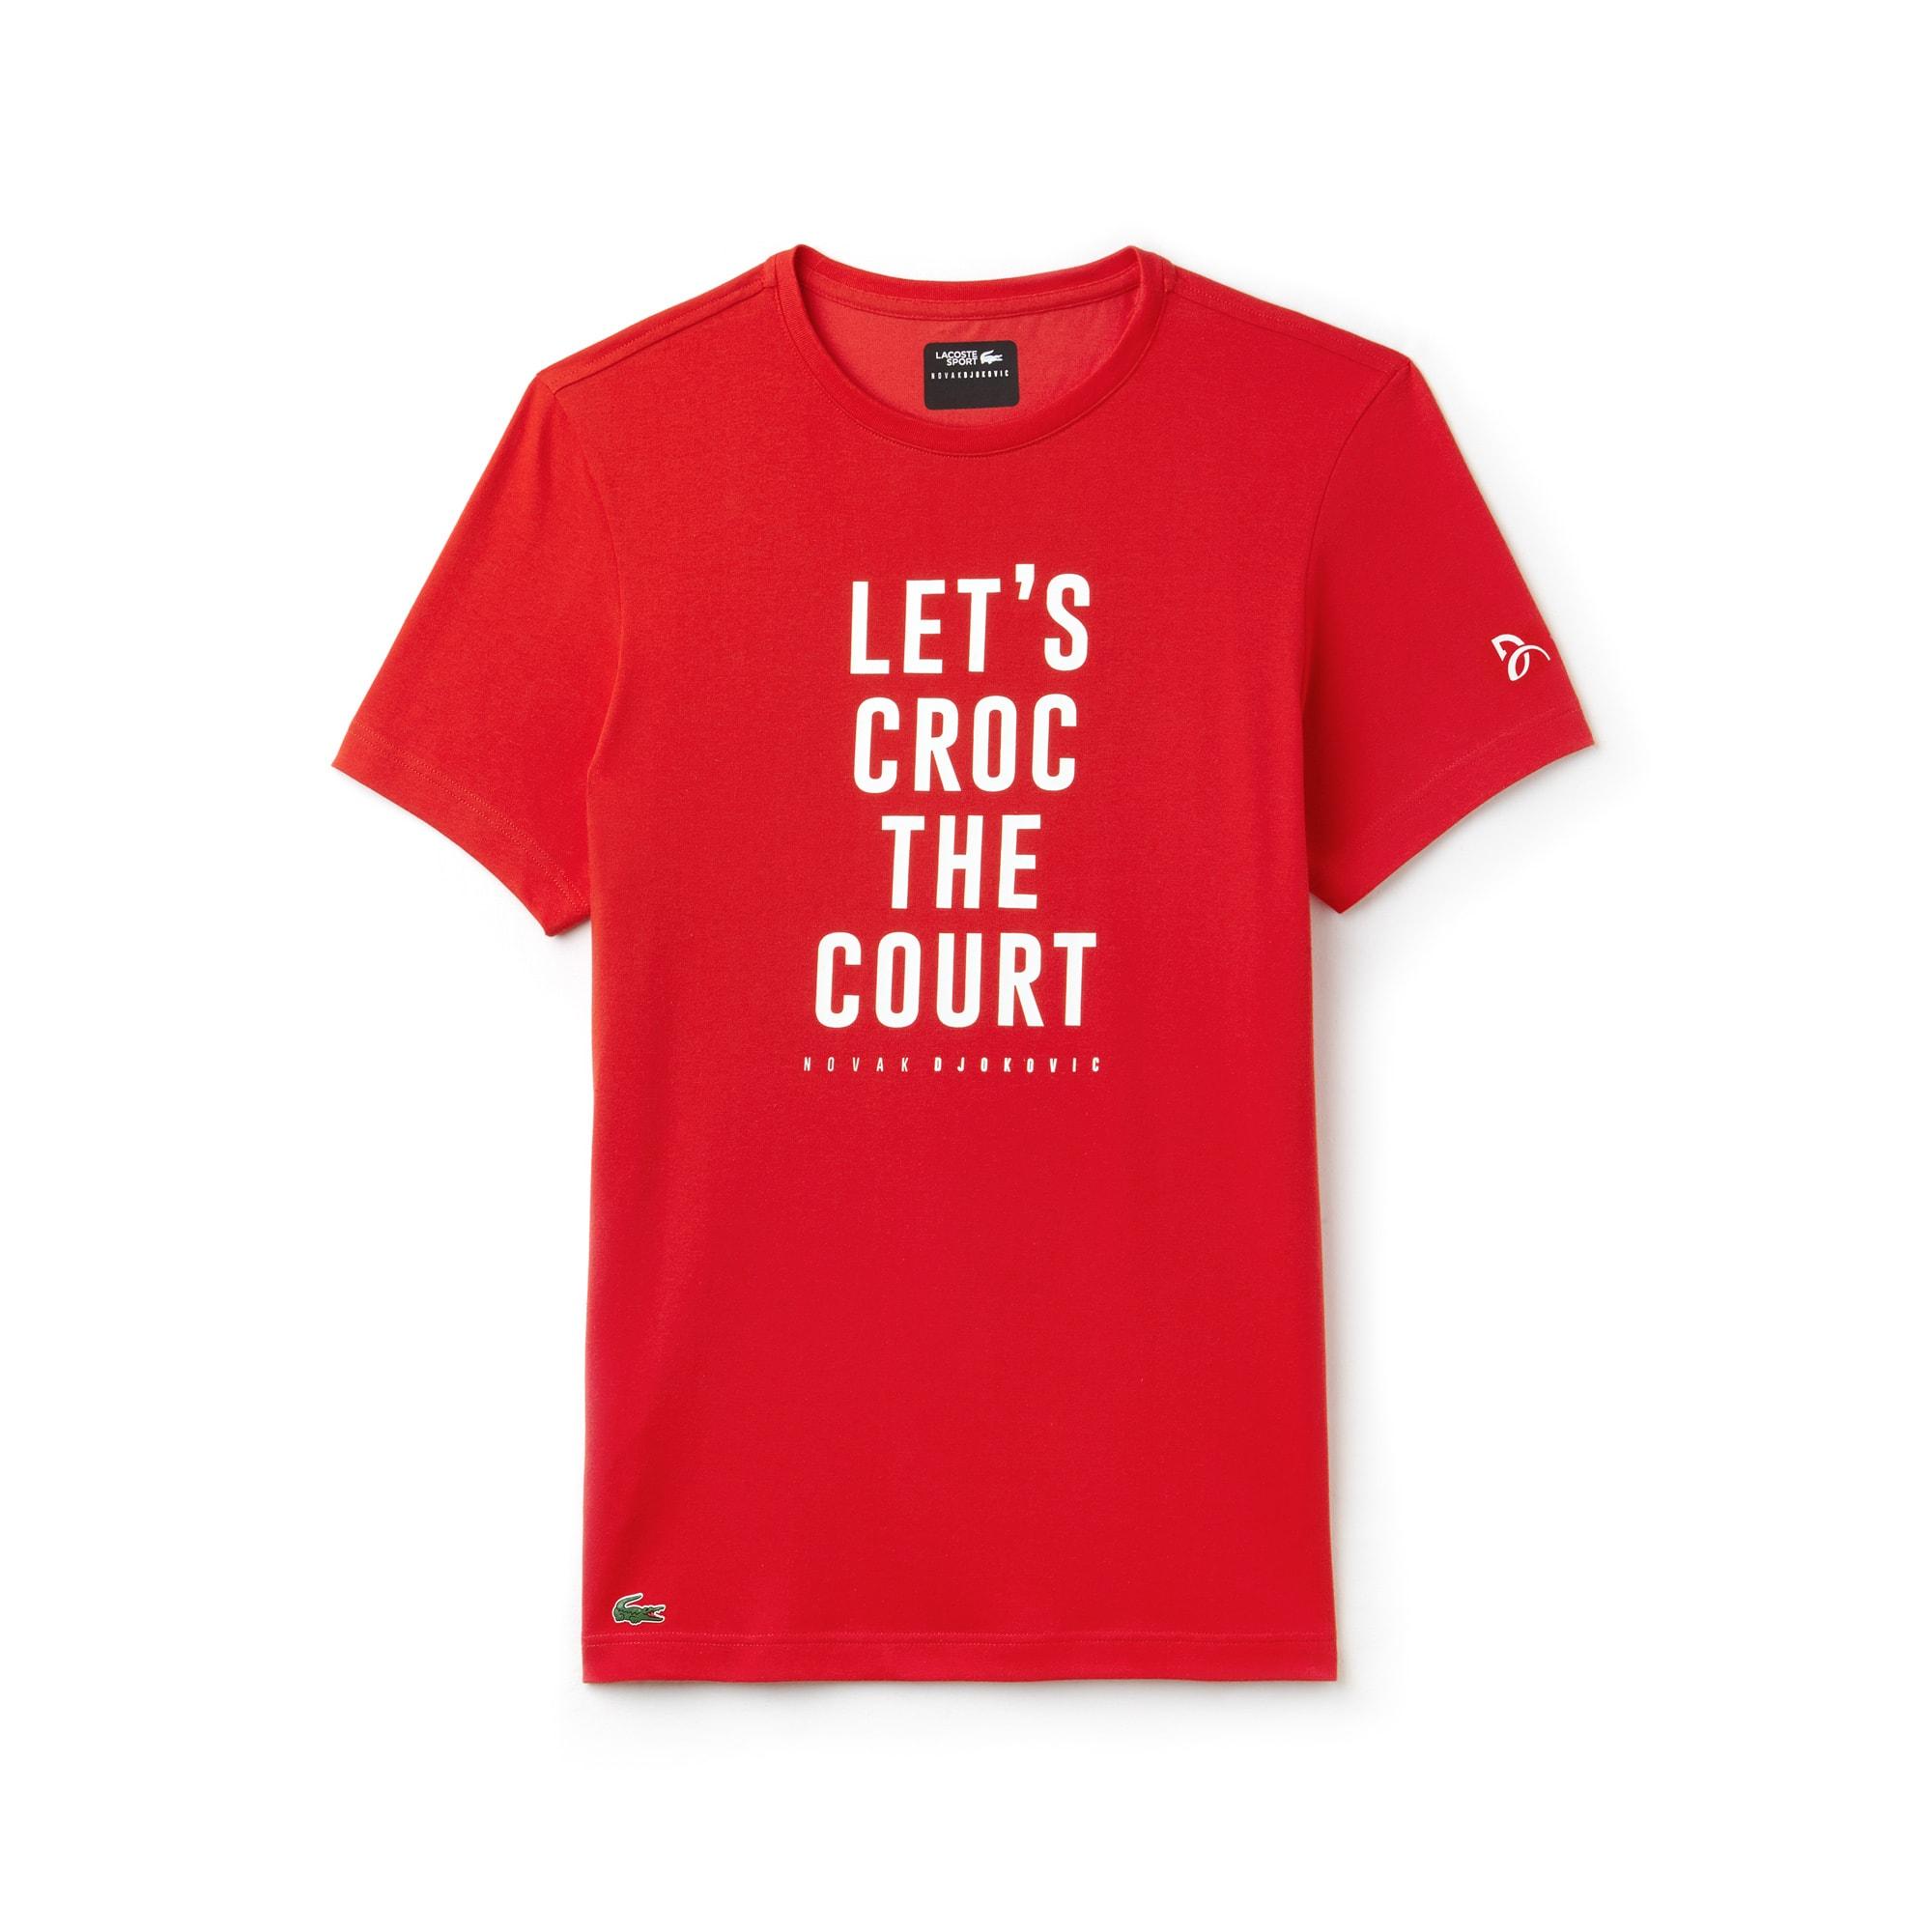 Lacoste - Herren Rundhals-T-Shirt aus Jersey mit Schriftzug LACOSTE SPORT - 3